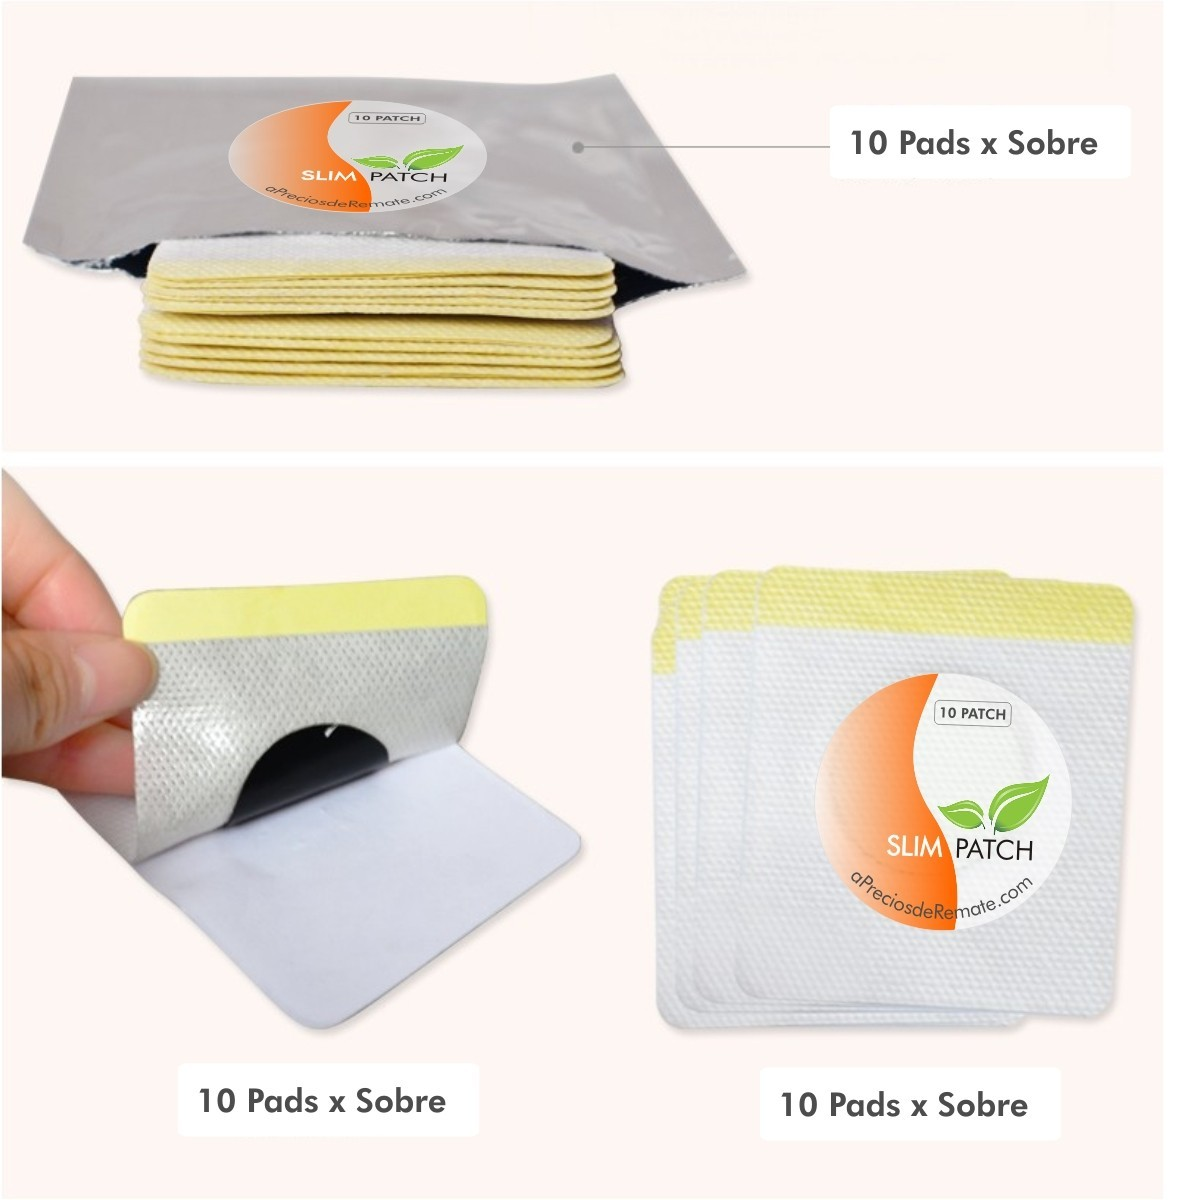 parches para adelgazar slim patch como se usan